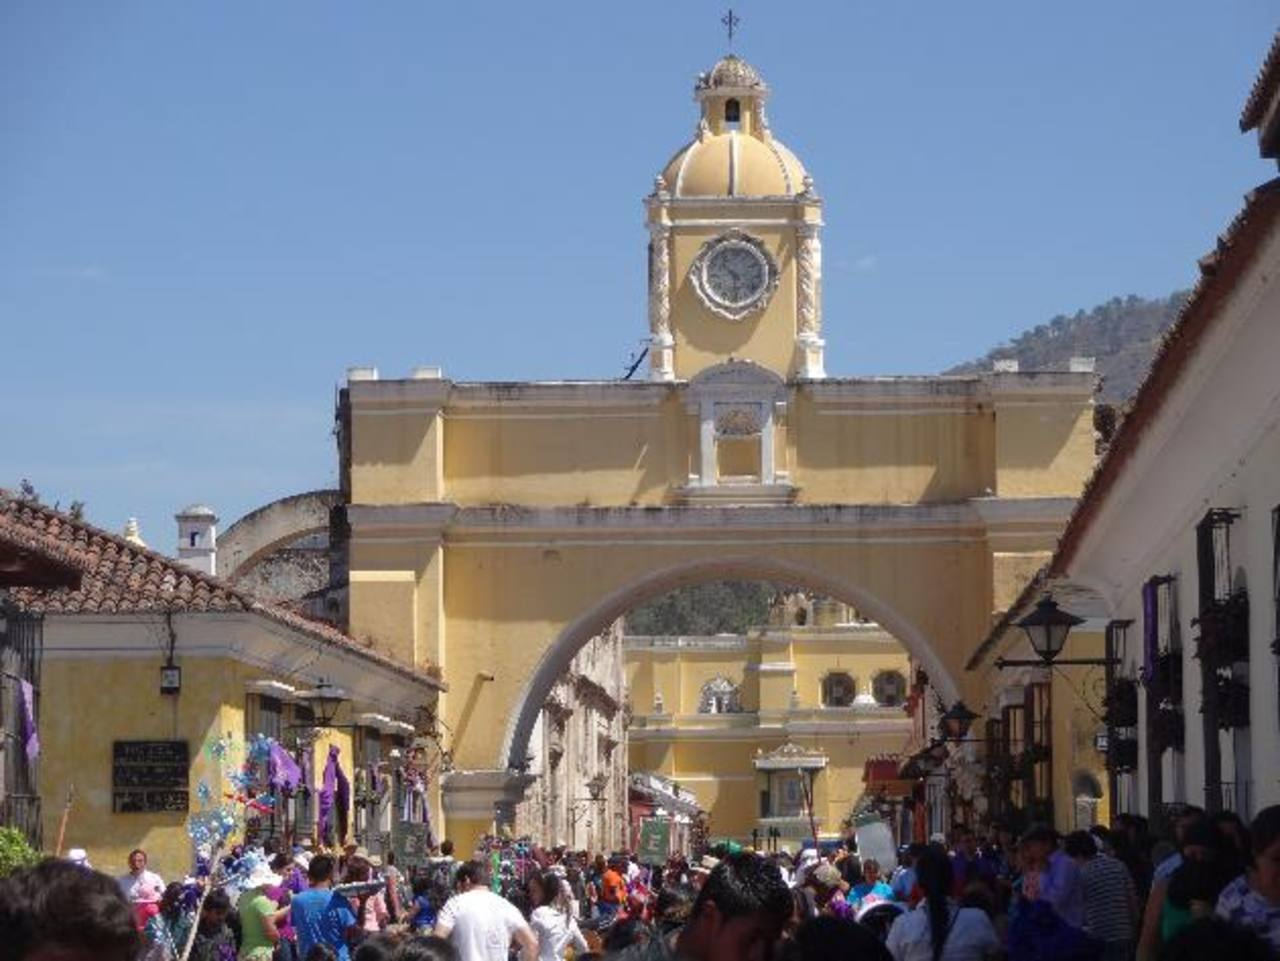 El arco de Santa Catalina es una parada obligada para los turistas que visitan la ciudad colonial de Guatemala.